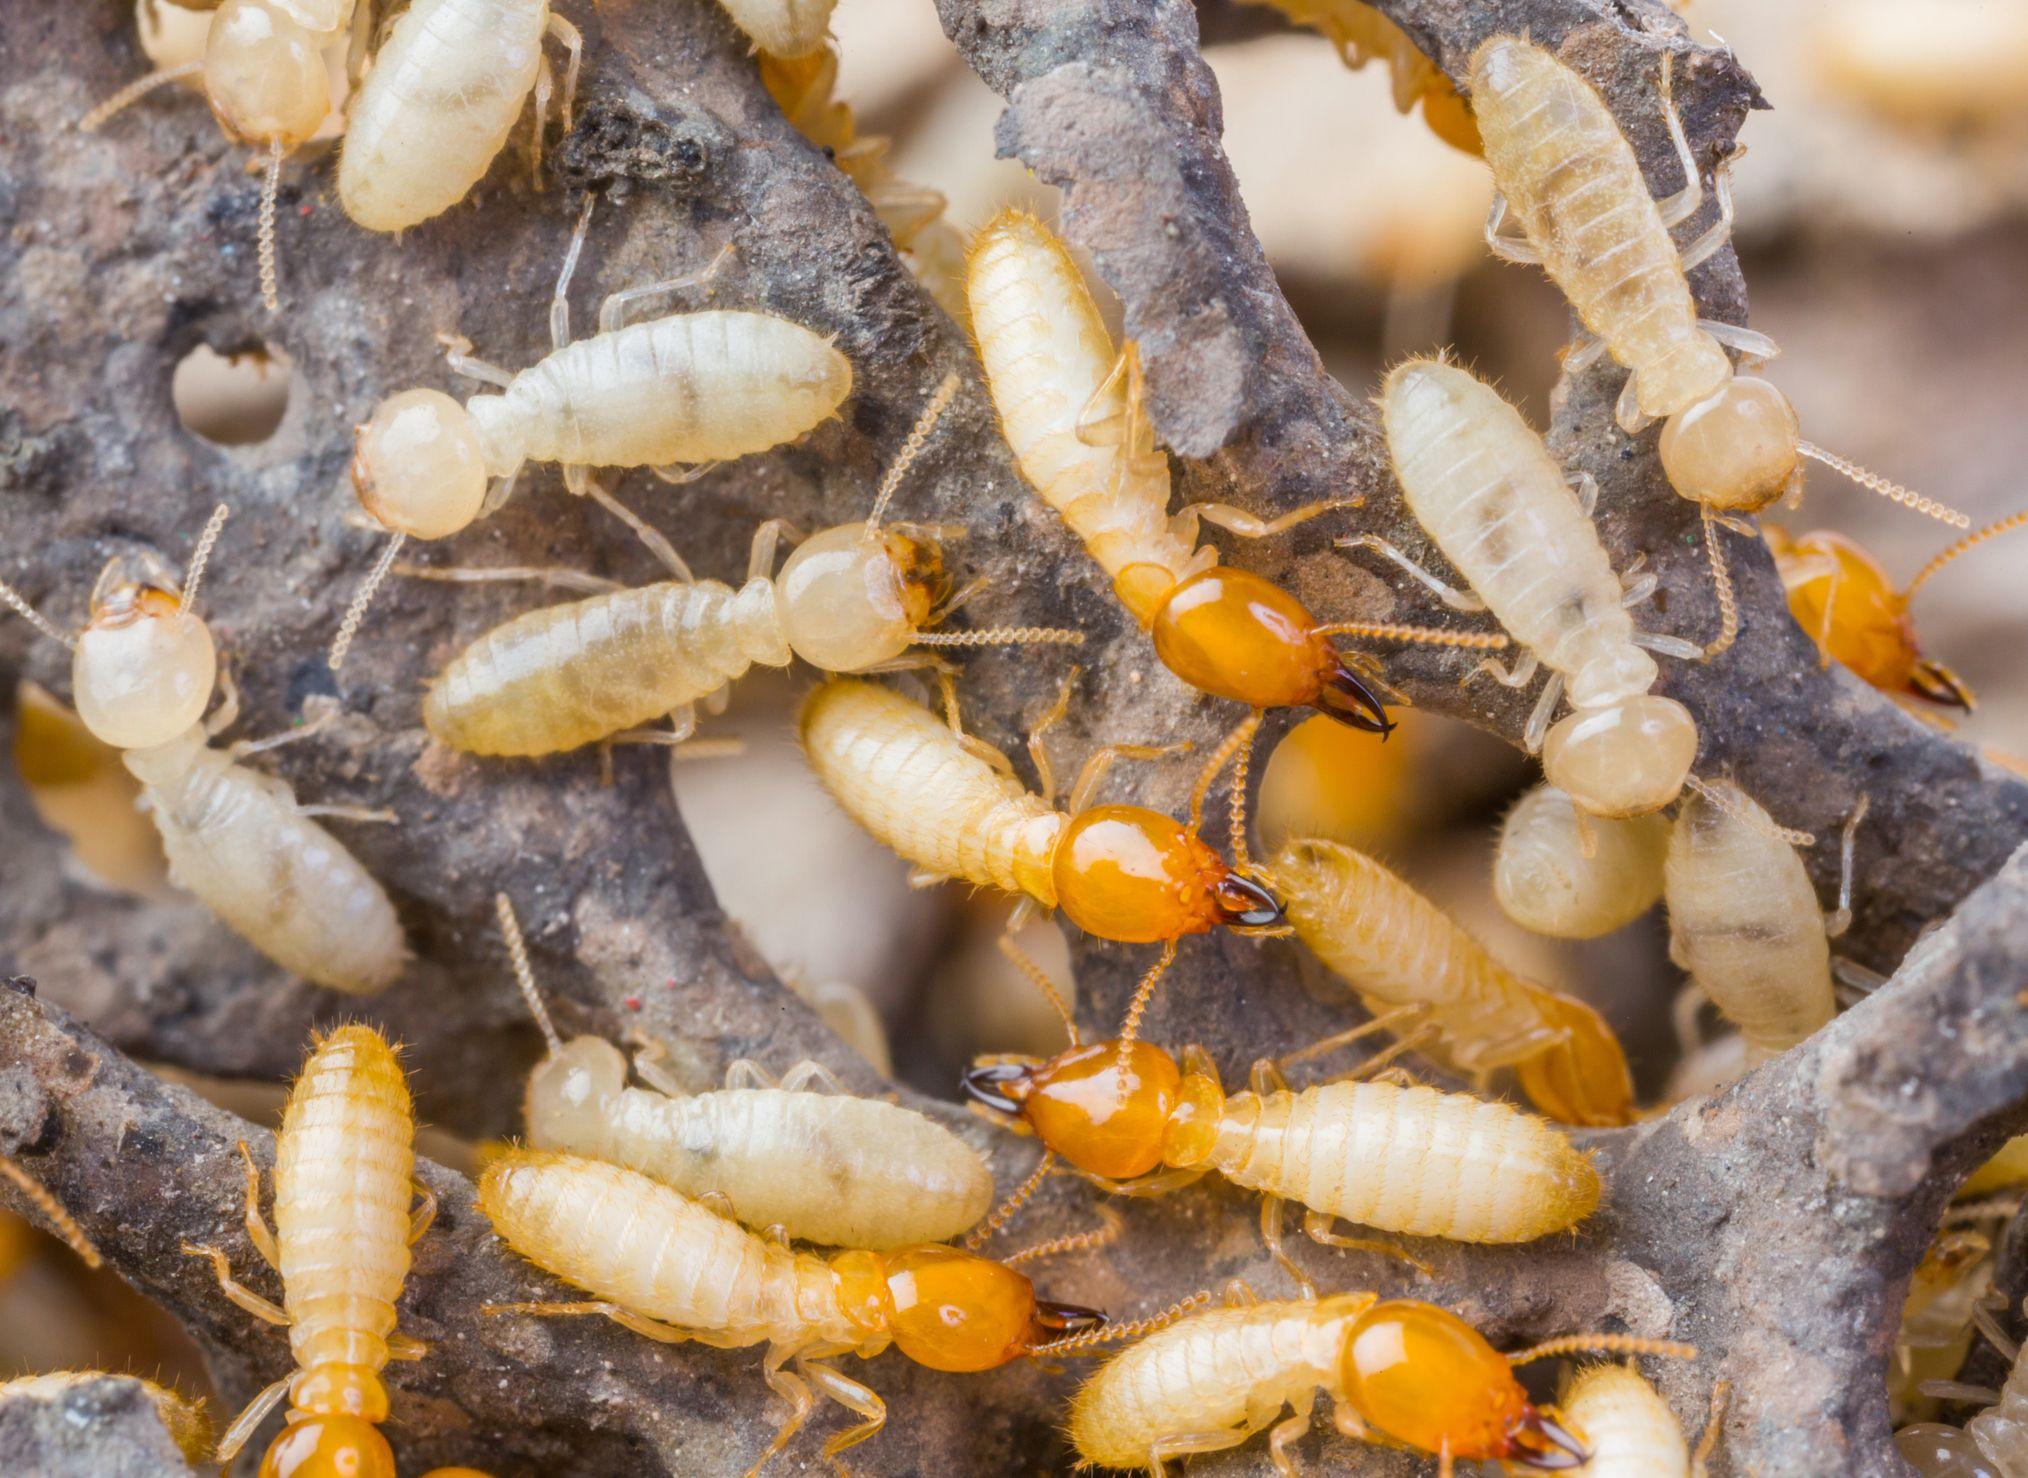 termites-stock